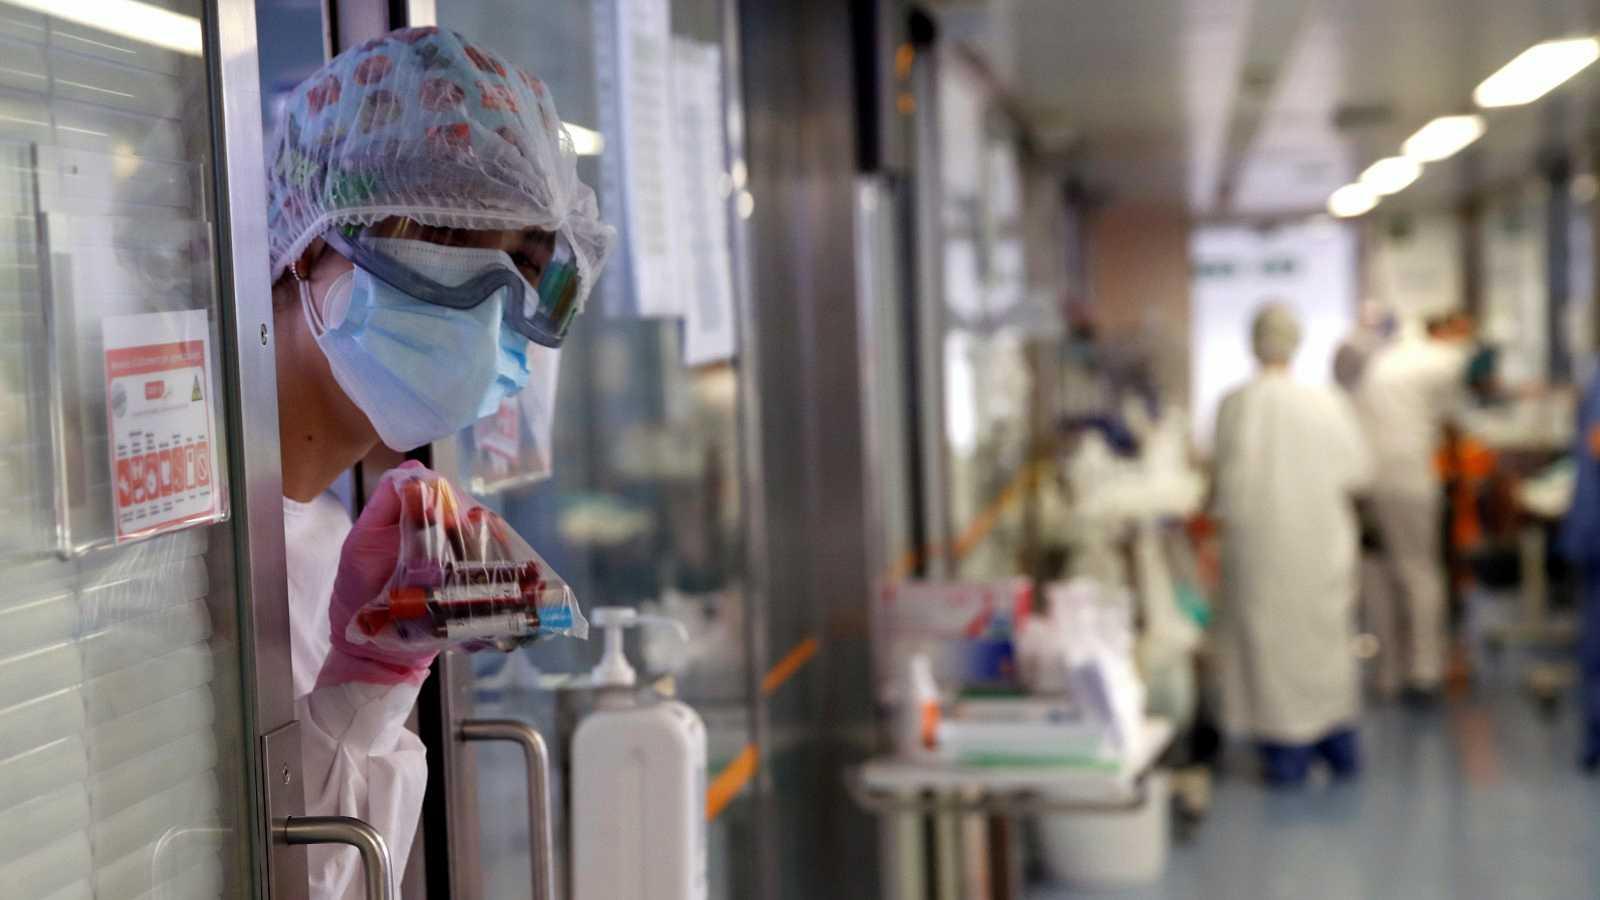 Un hospital de Badalona comienza el ensayo clínico de un nuevo tratamiento anti-covid a partir de plasma de pacientes